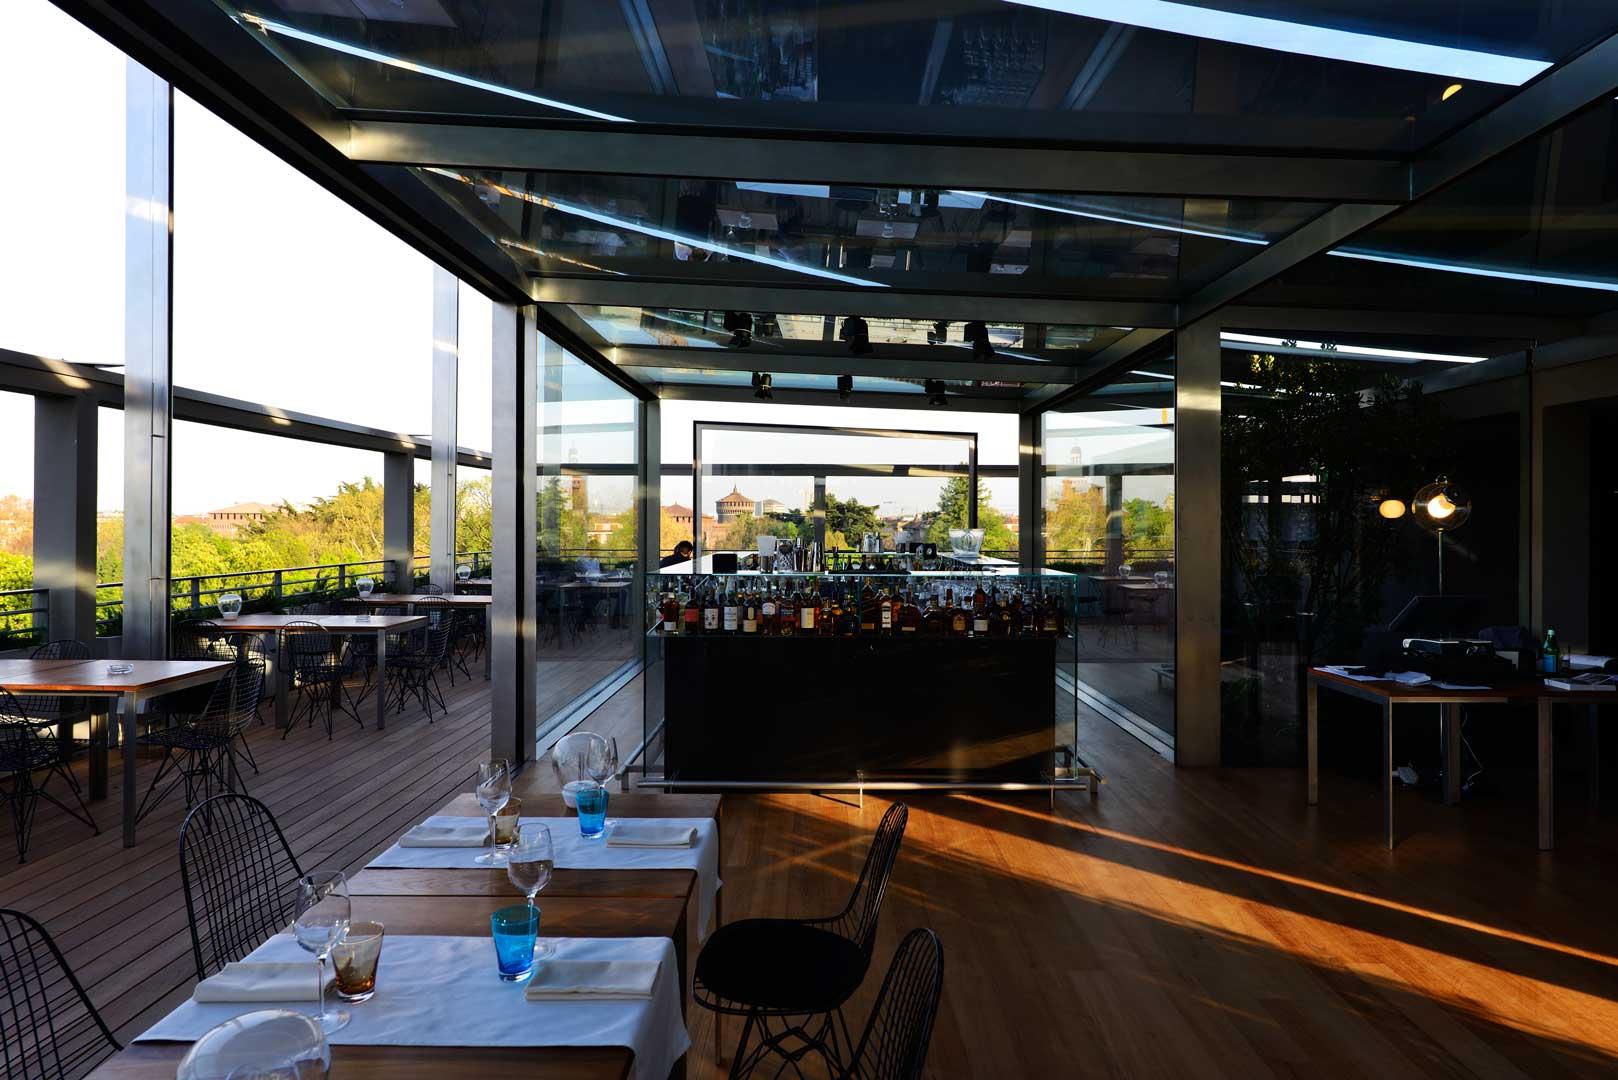 Terrazza triennale osteria con vista flawless milano for Triennale a milano